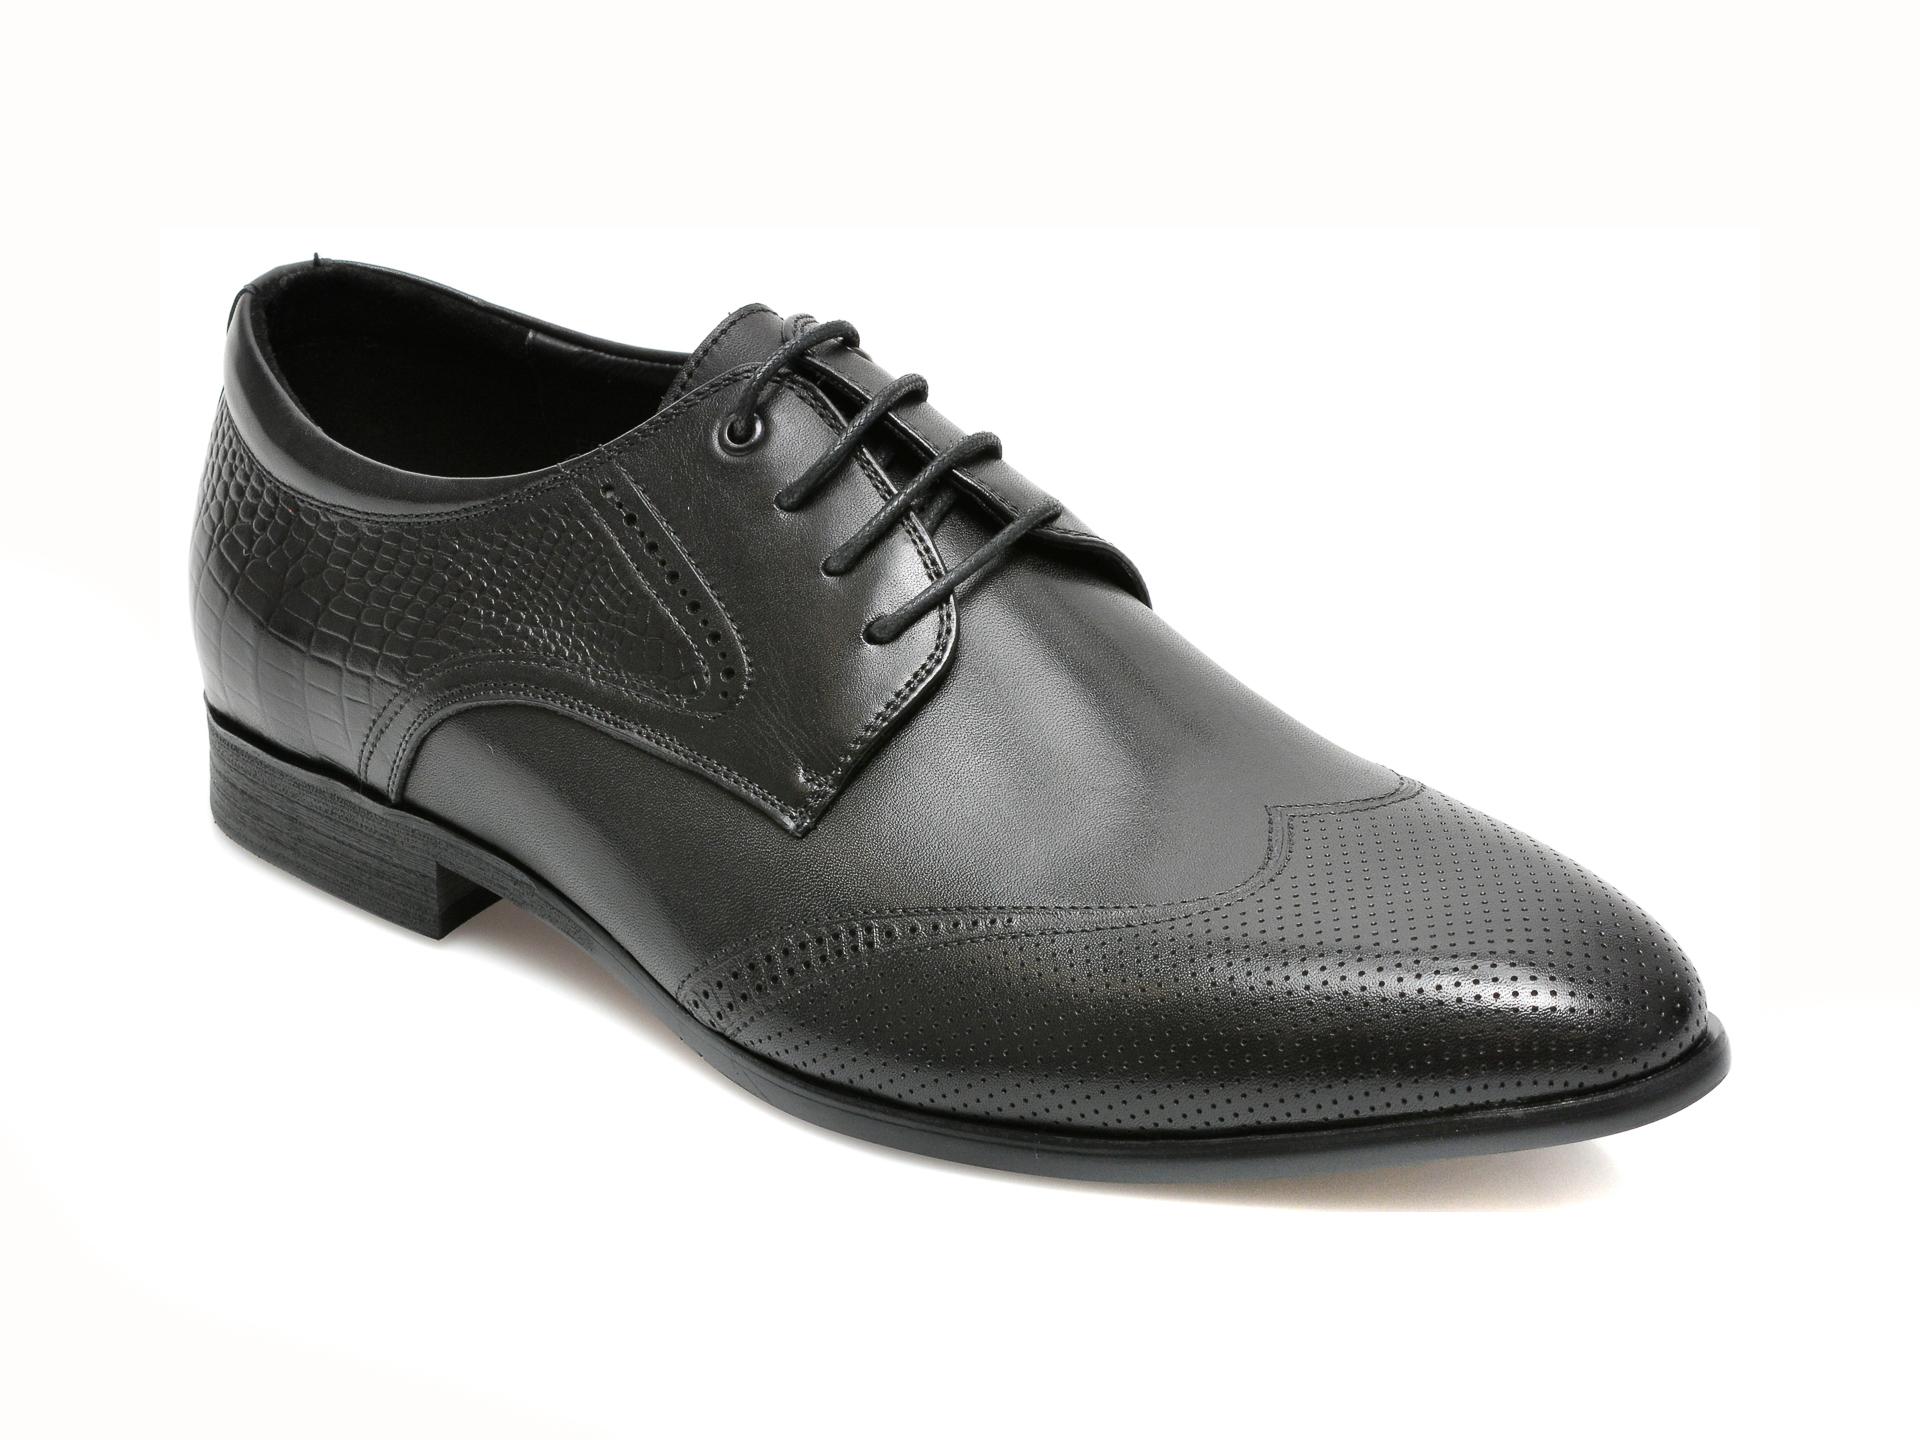 Pantofi CARIBU negri, F019716, din piele naturala